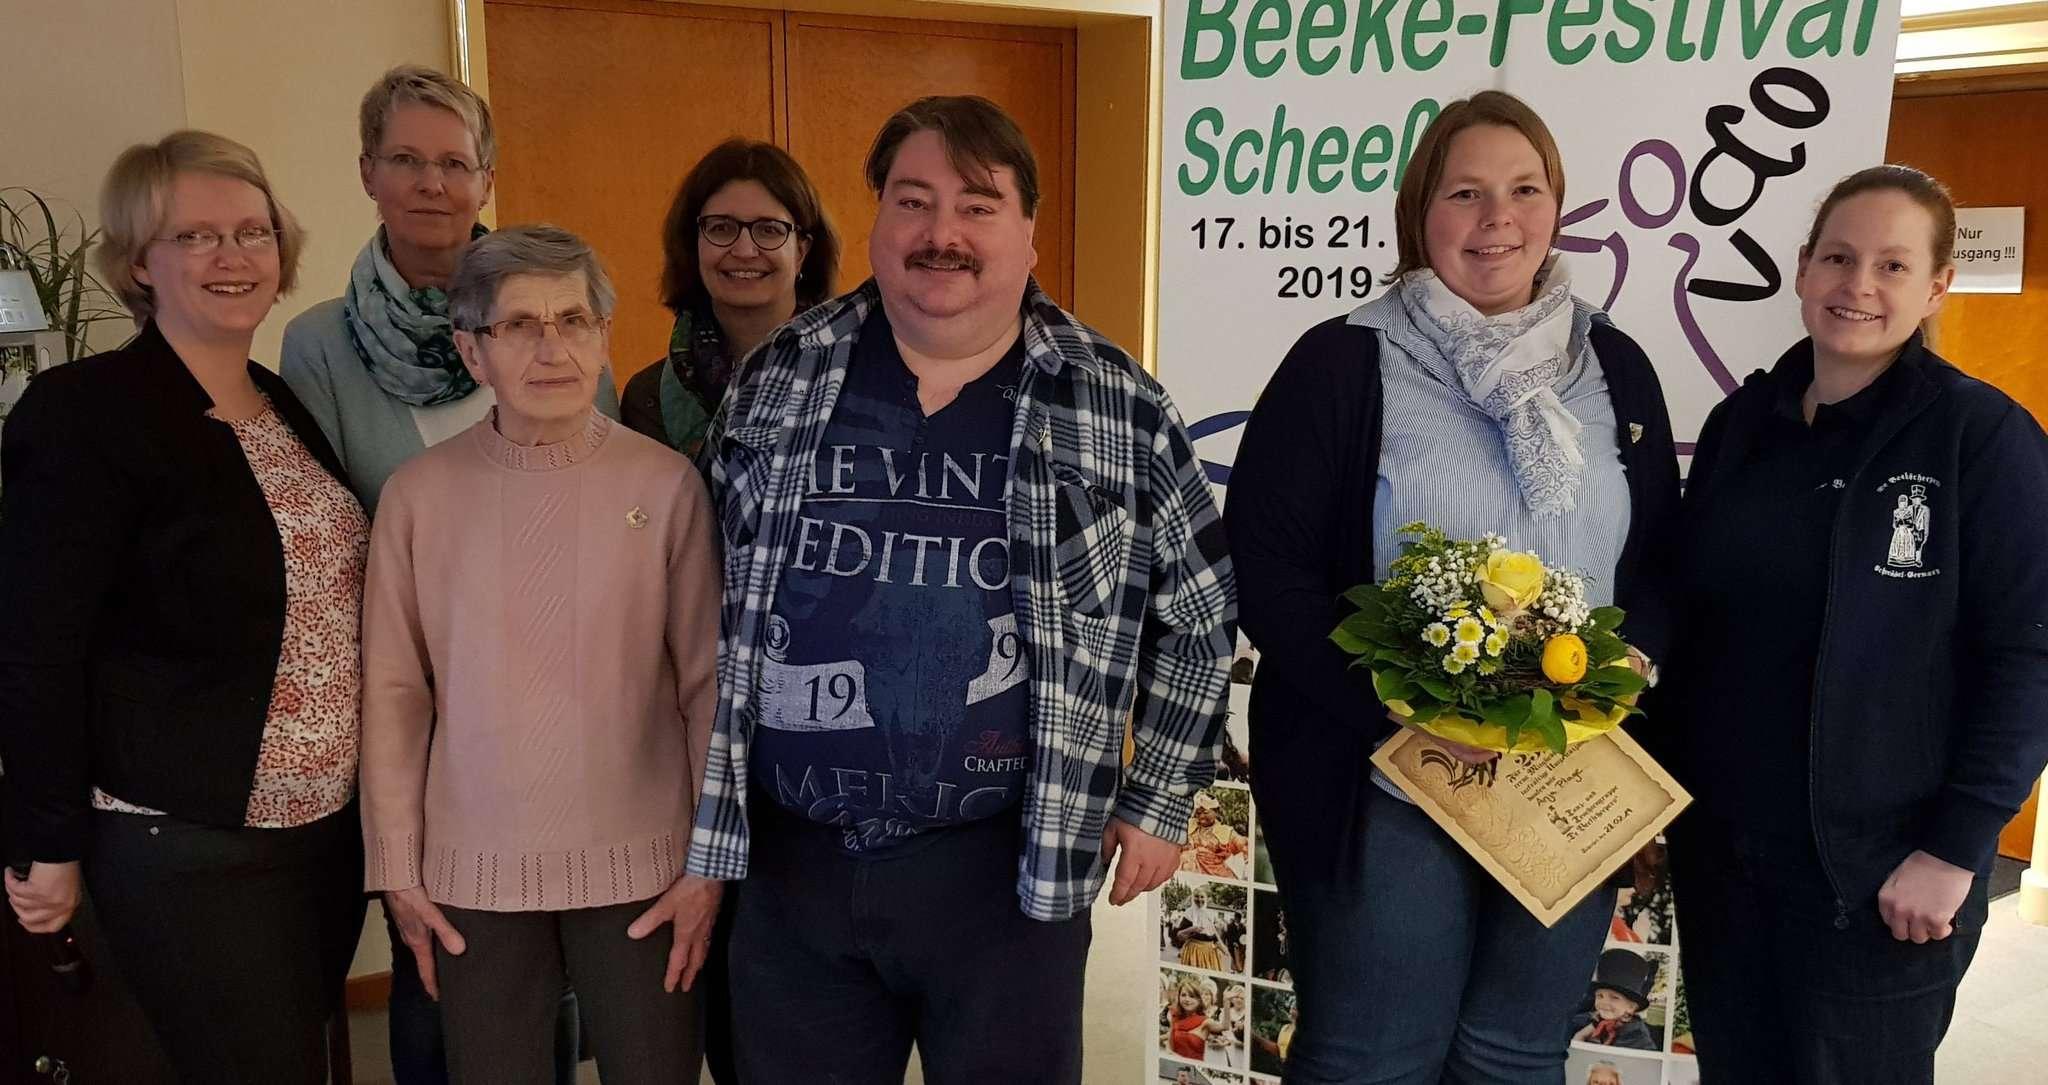 Die Jubilare Tanja Rathje (von links), Stefanie Balzer, Erika Weseloh, Sabine Schmedt, Roland Röpnack, Anja Plage und Christine-Kai Humrich